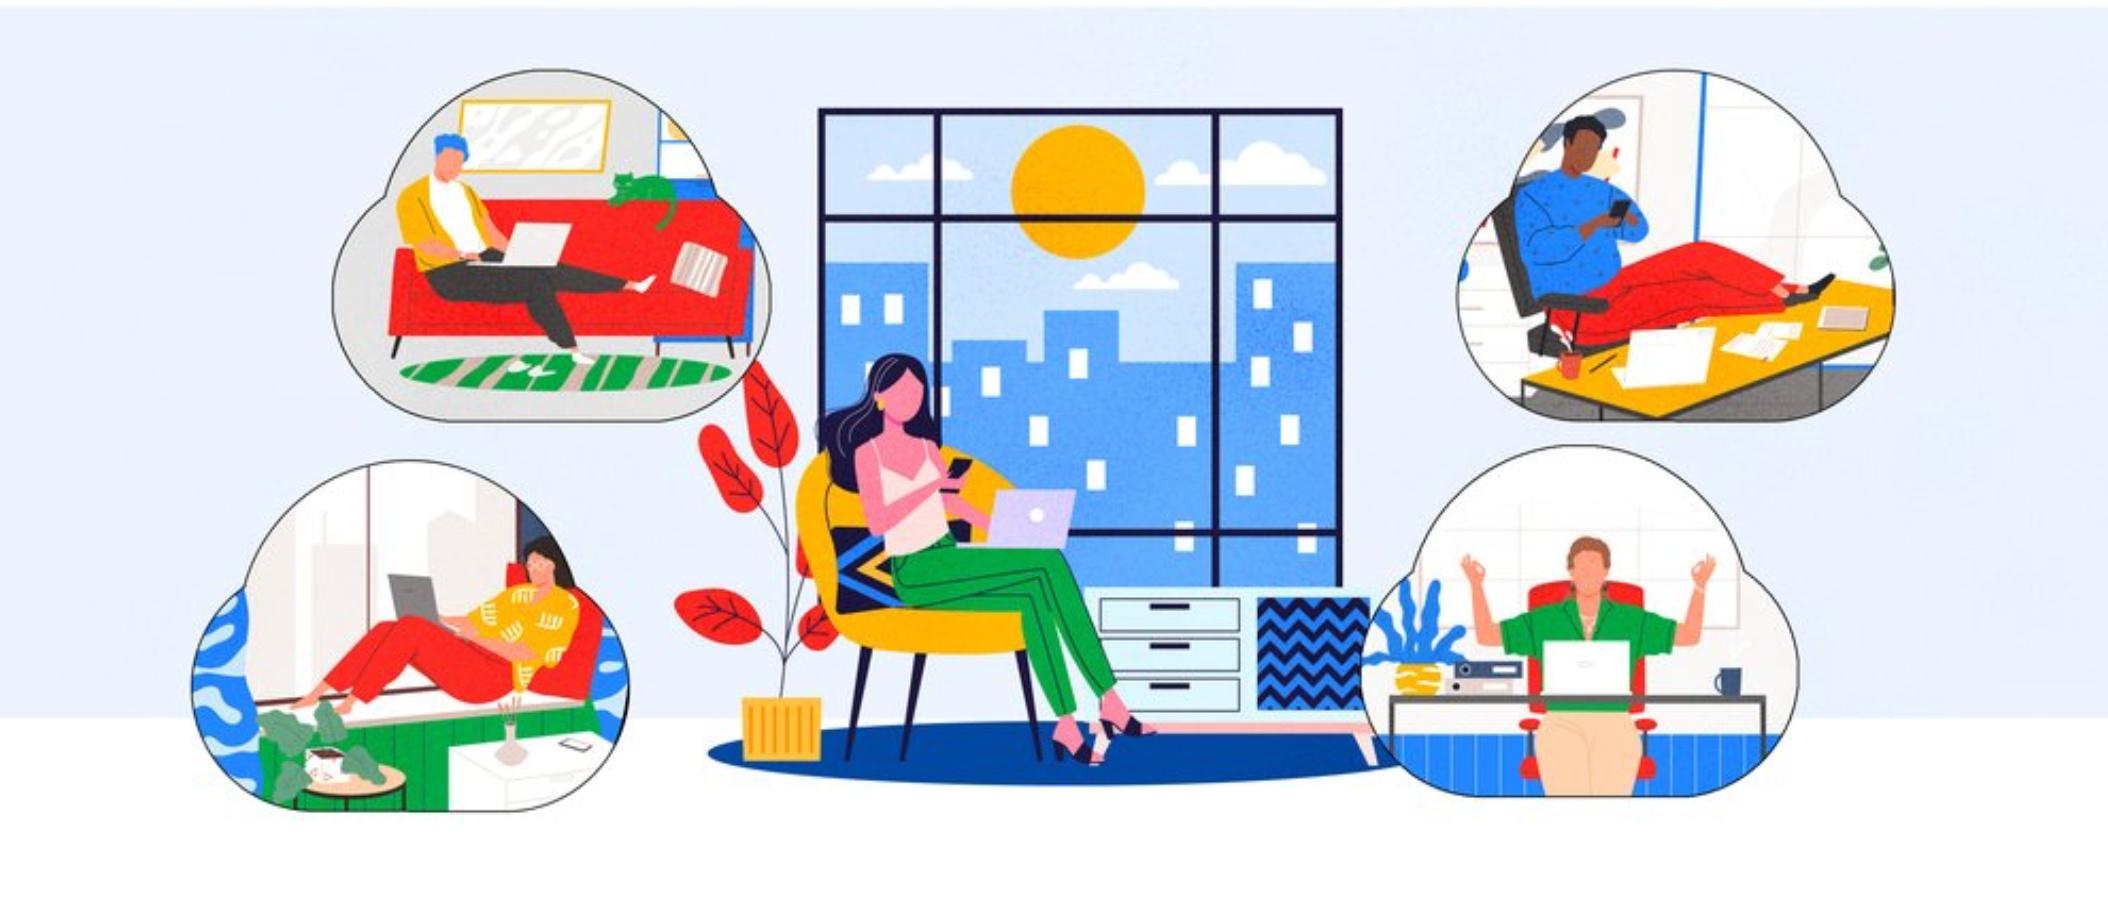 Google gotowe na nauczanie zdalne od września: mnóstwo nowości dla Google Meet i Classroom 18 Google Meet